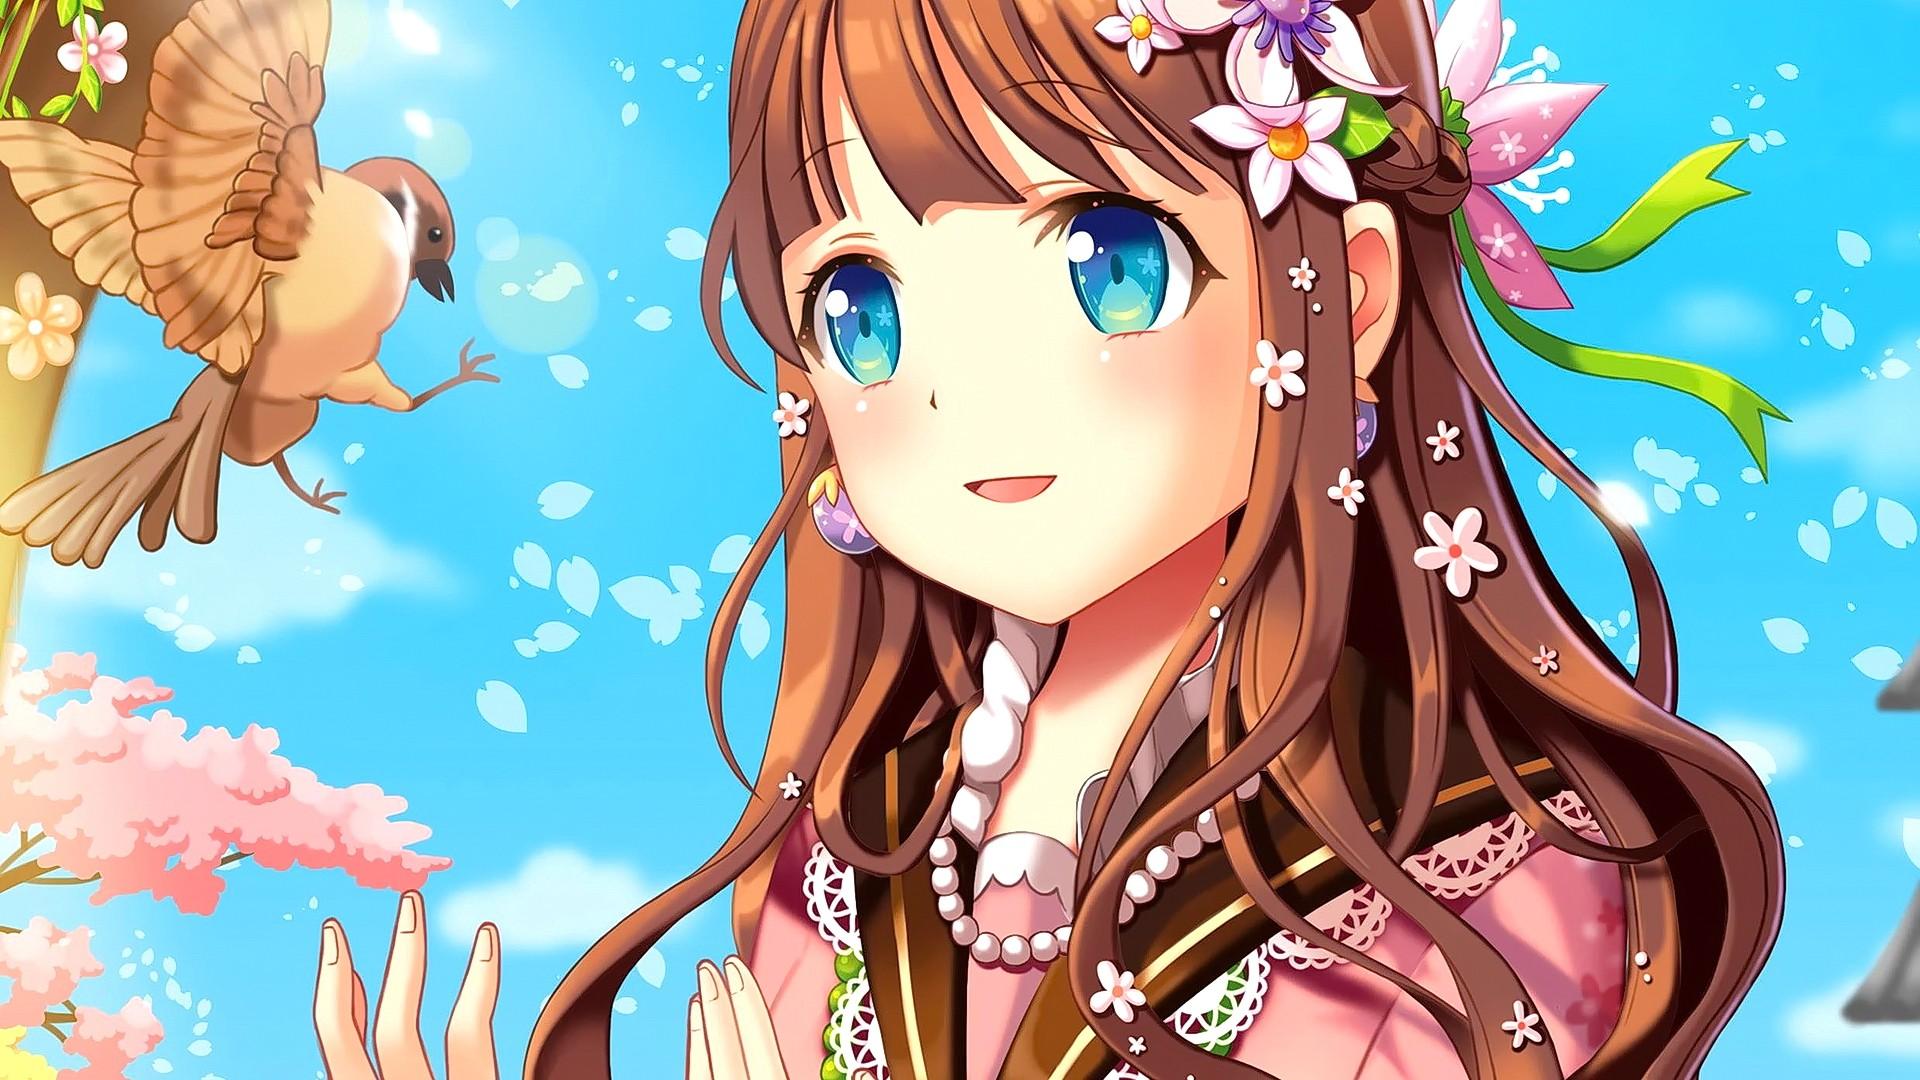 Brunette anime girl with blue eyes